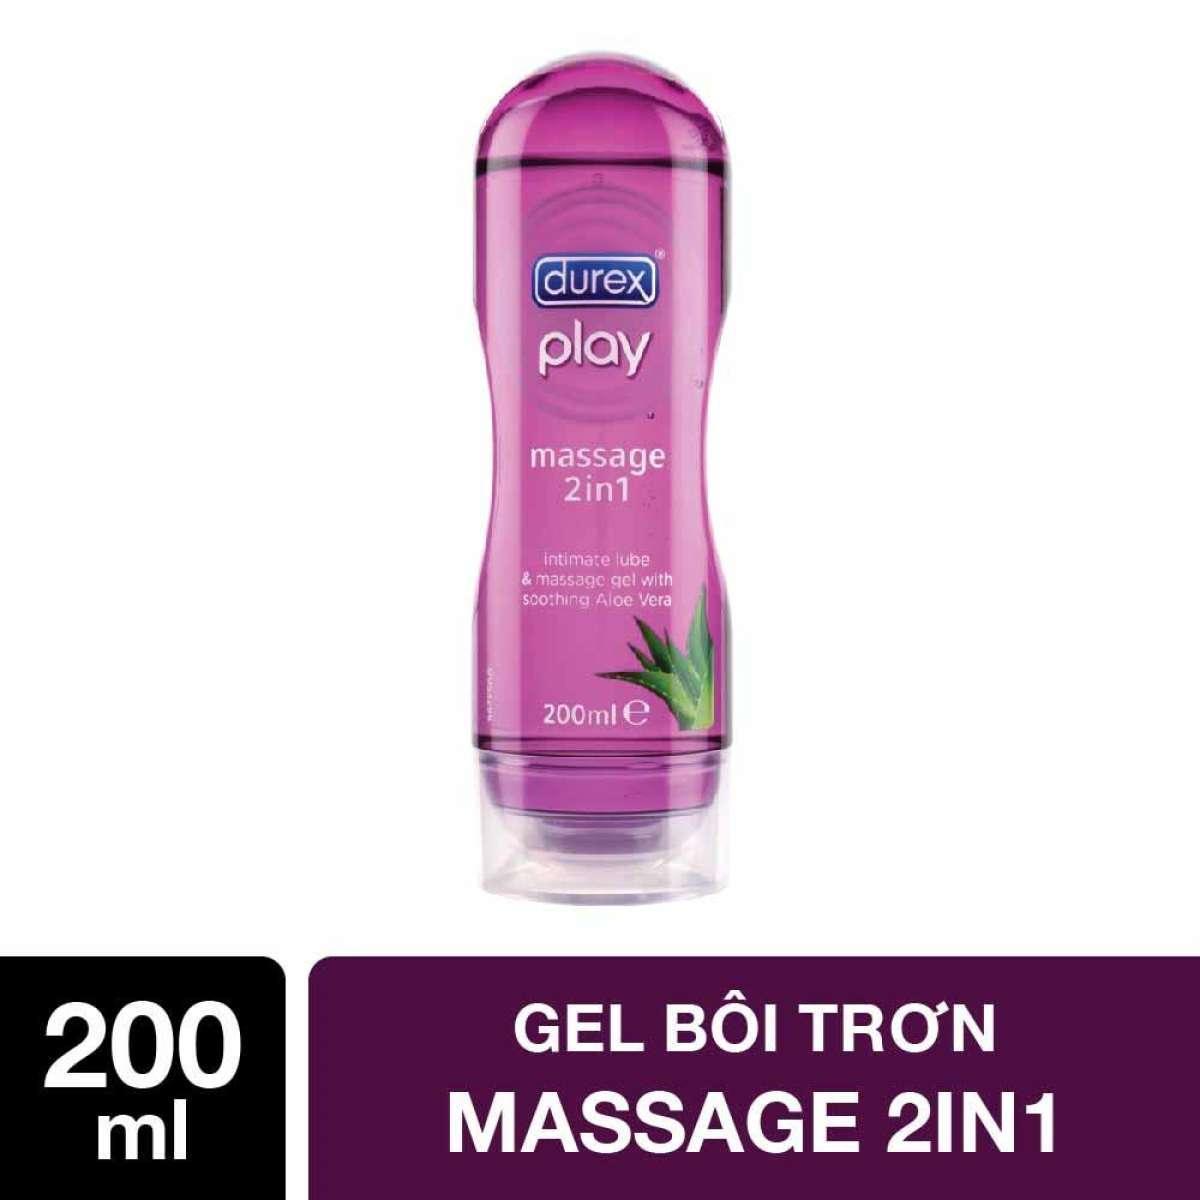 Gel bôi trơn Durex Play Massage 2in1( 200ml)